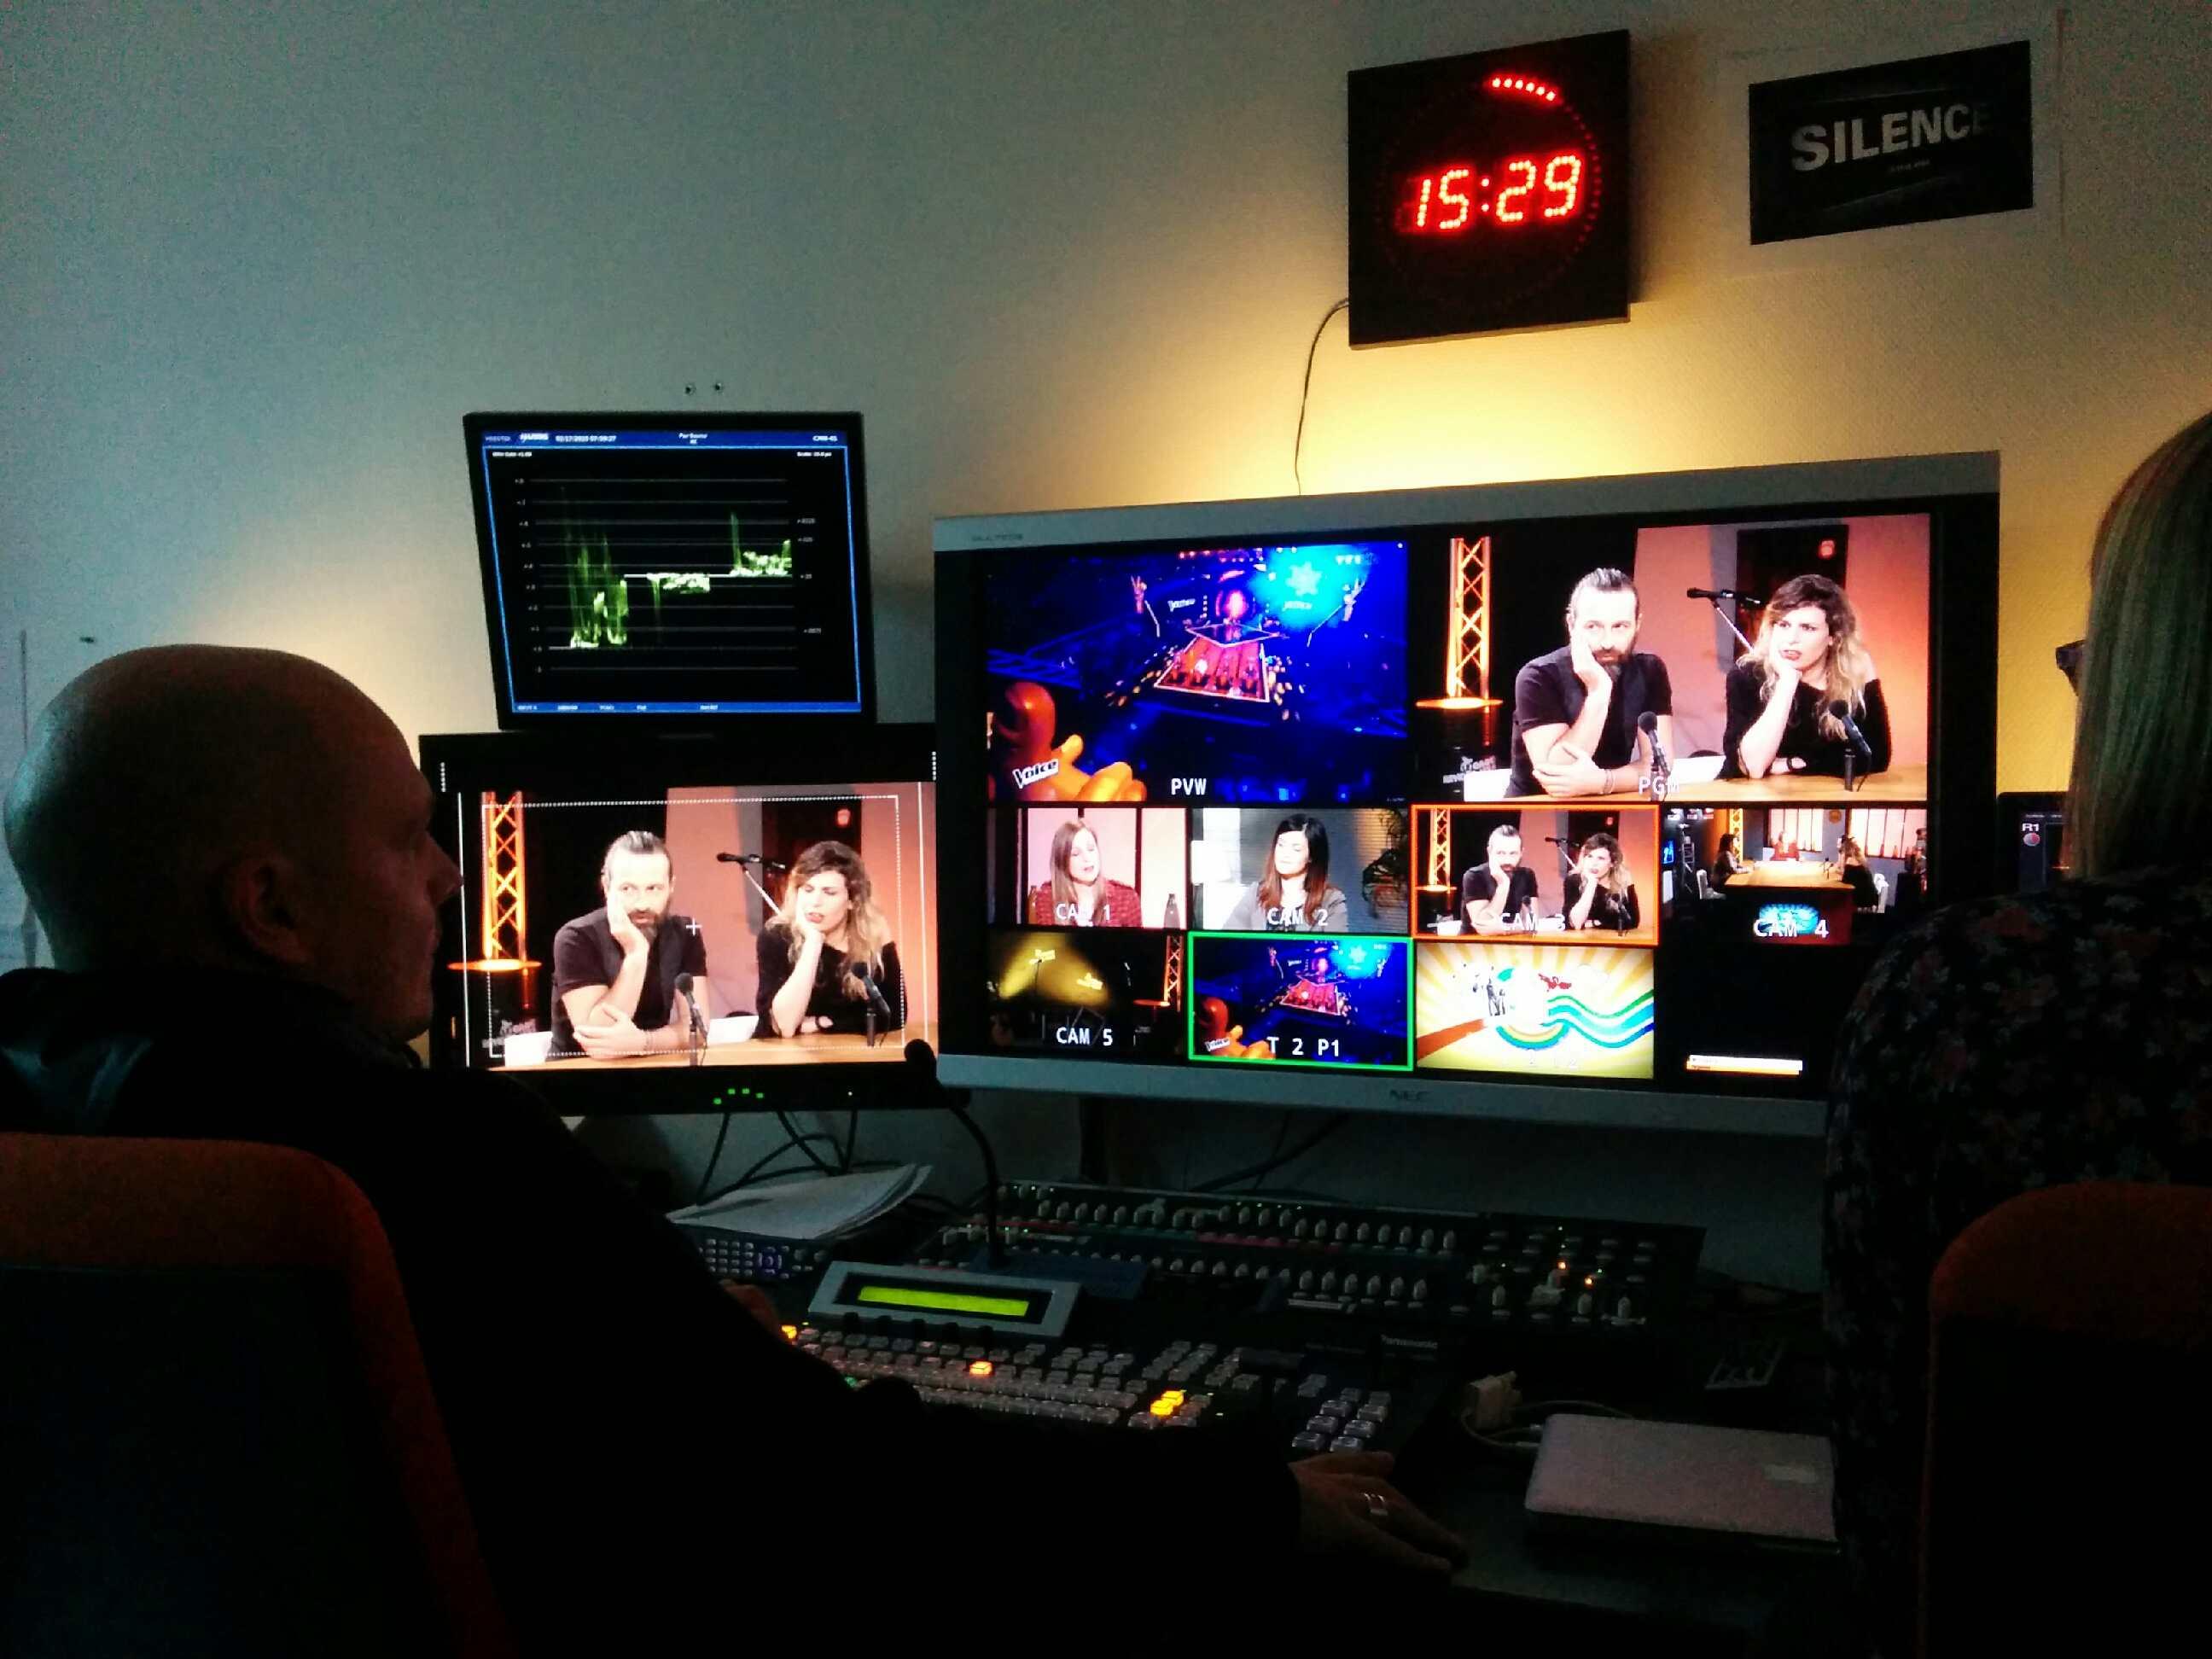 Le grand RDV - Mirabelle TV - 18 février 2015 - Régie